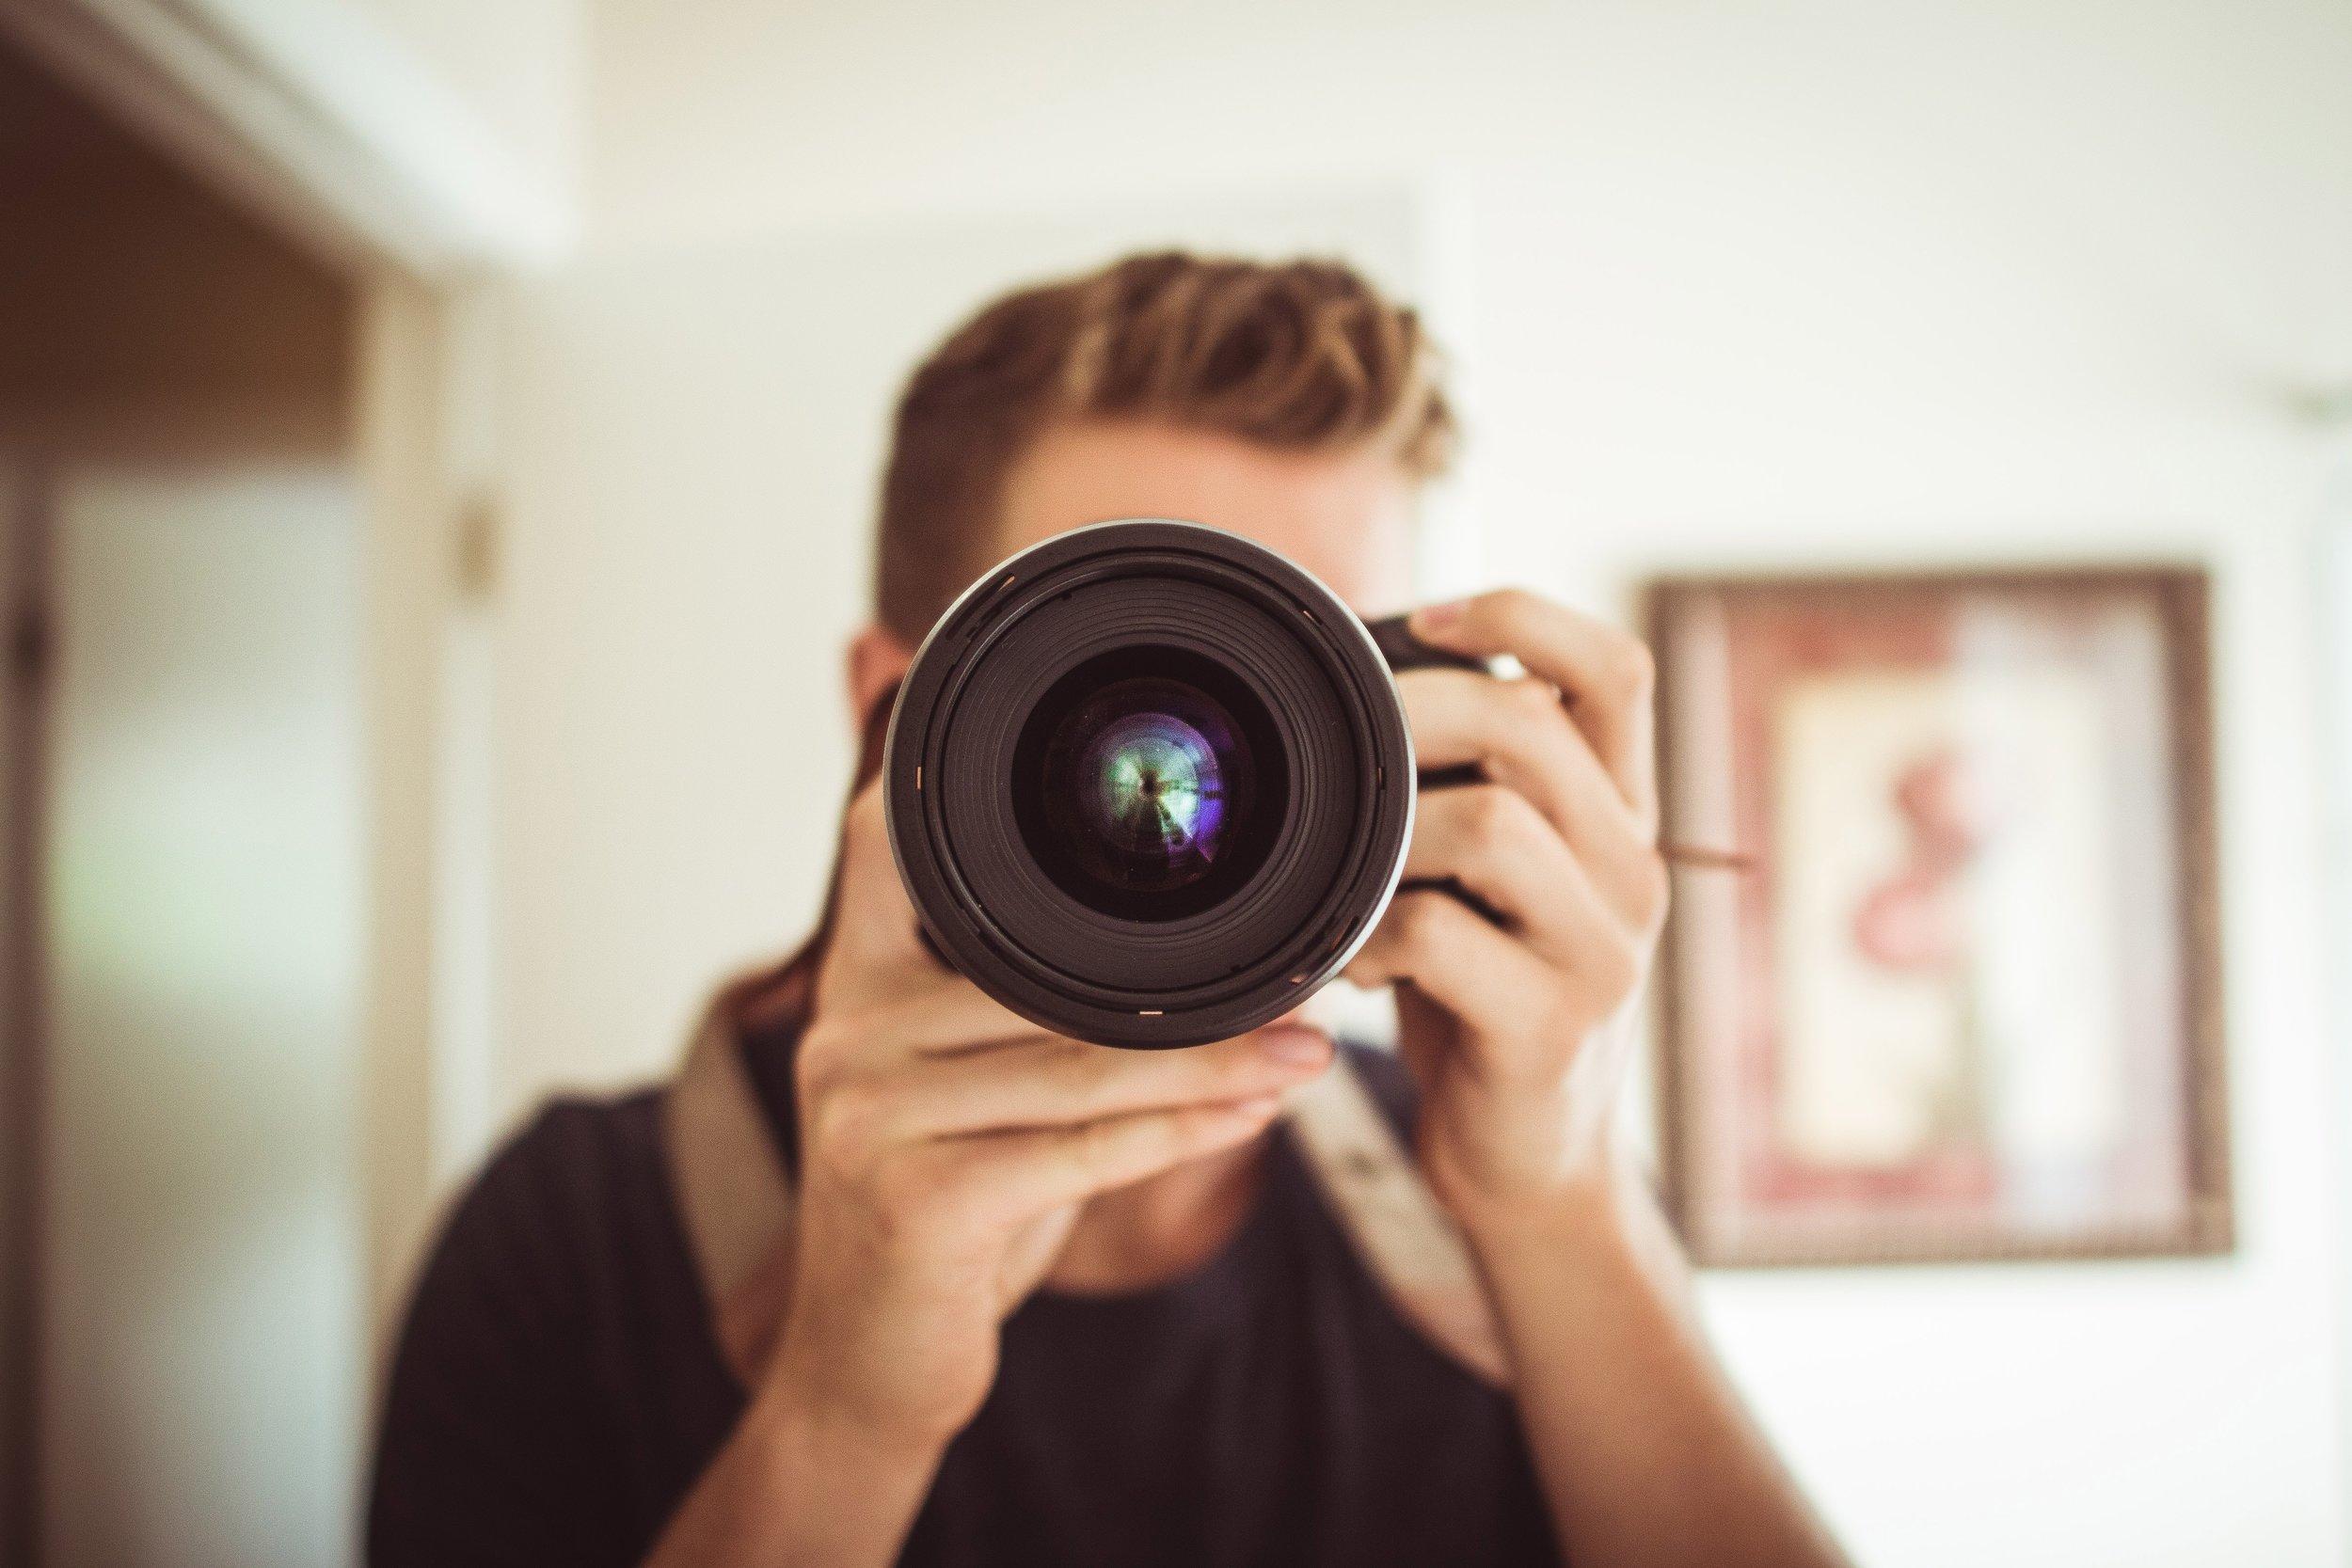 camera-camera-lens-dslr-8140.jpg